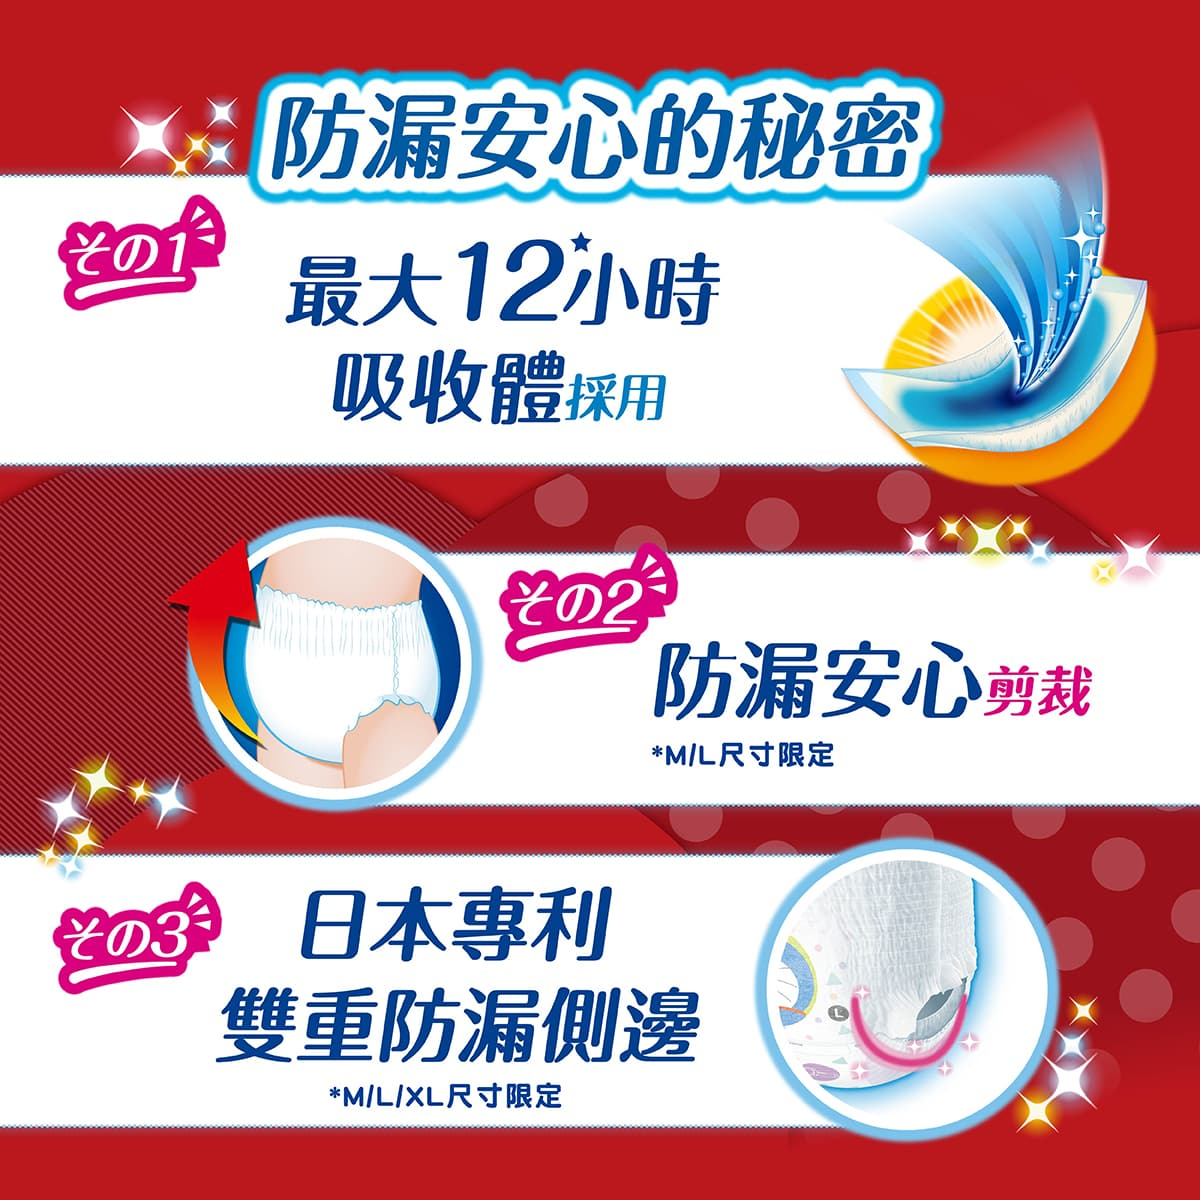 日本開發滿意寶寶輕巧褲多啦A夢版,12小時安心吸收,防漏超舒適。